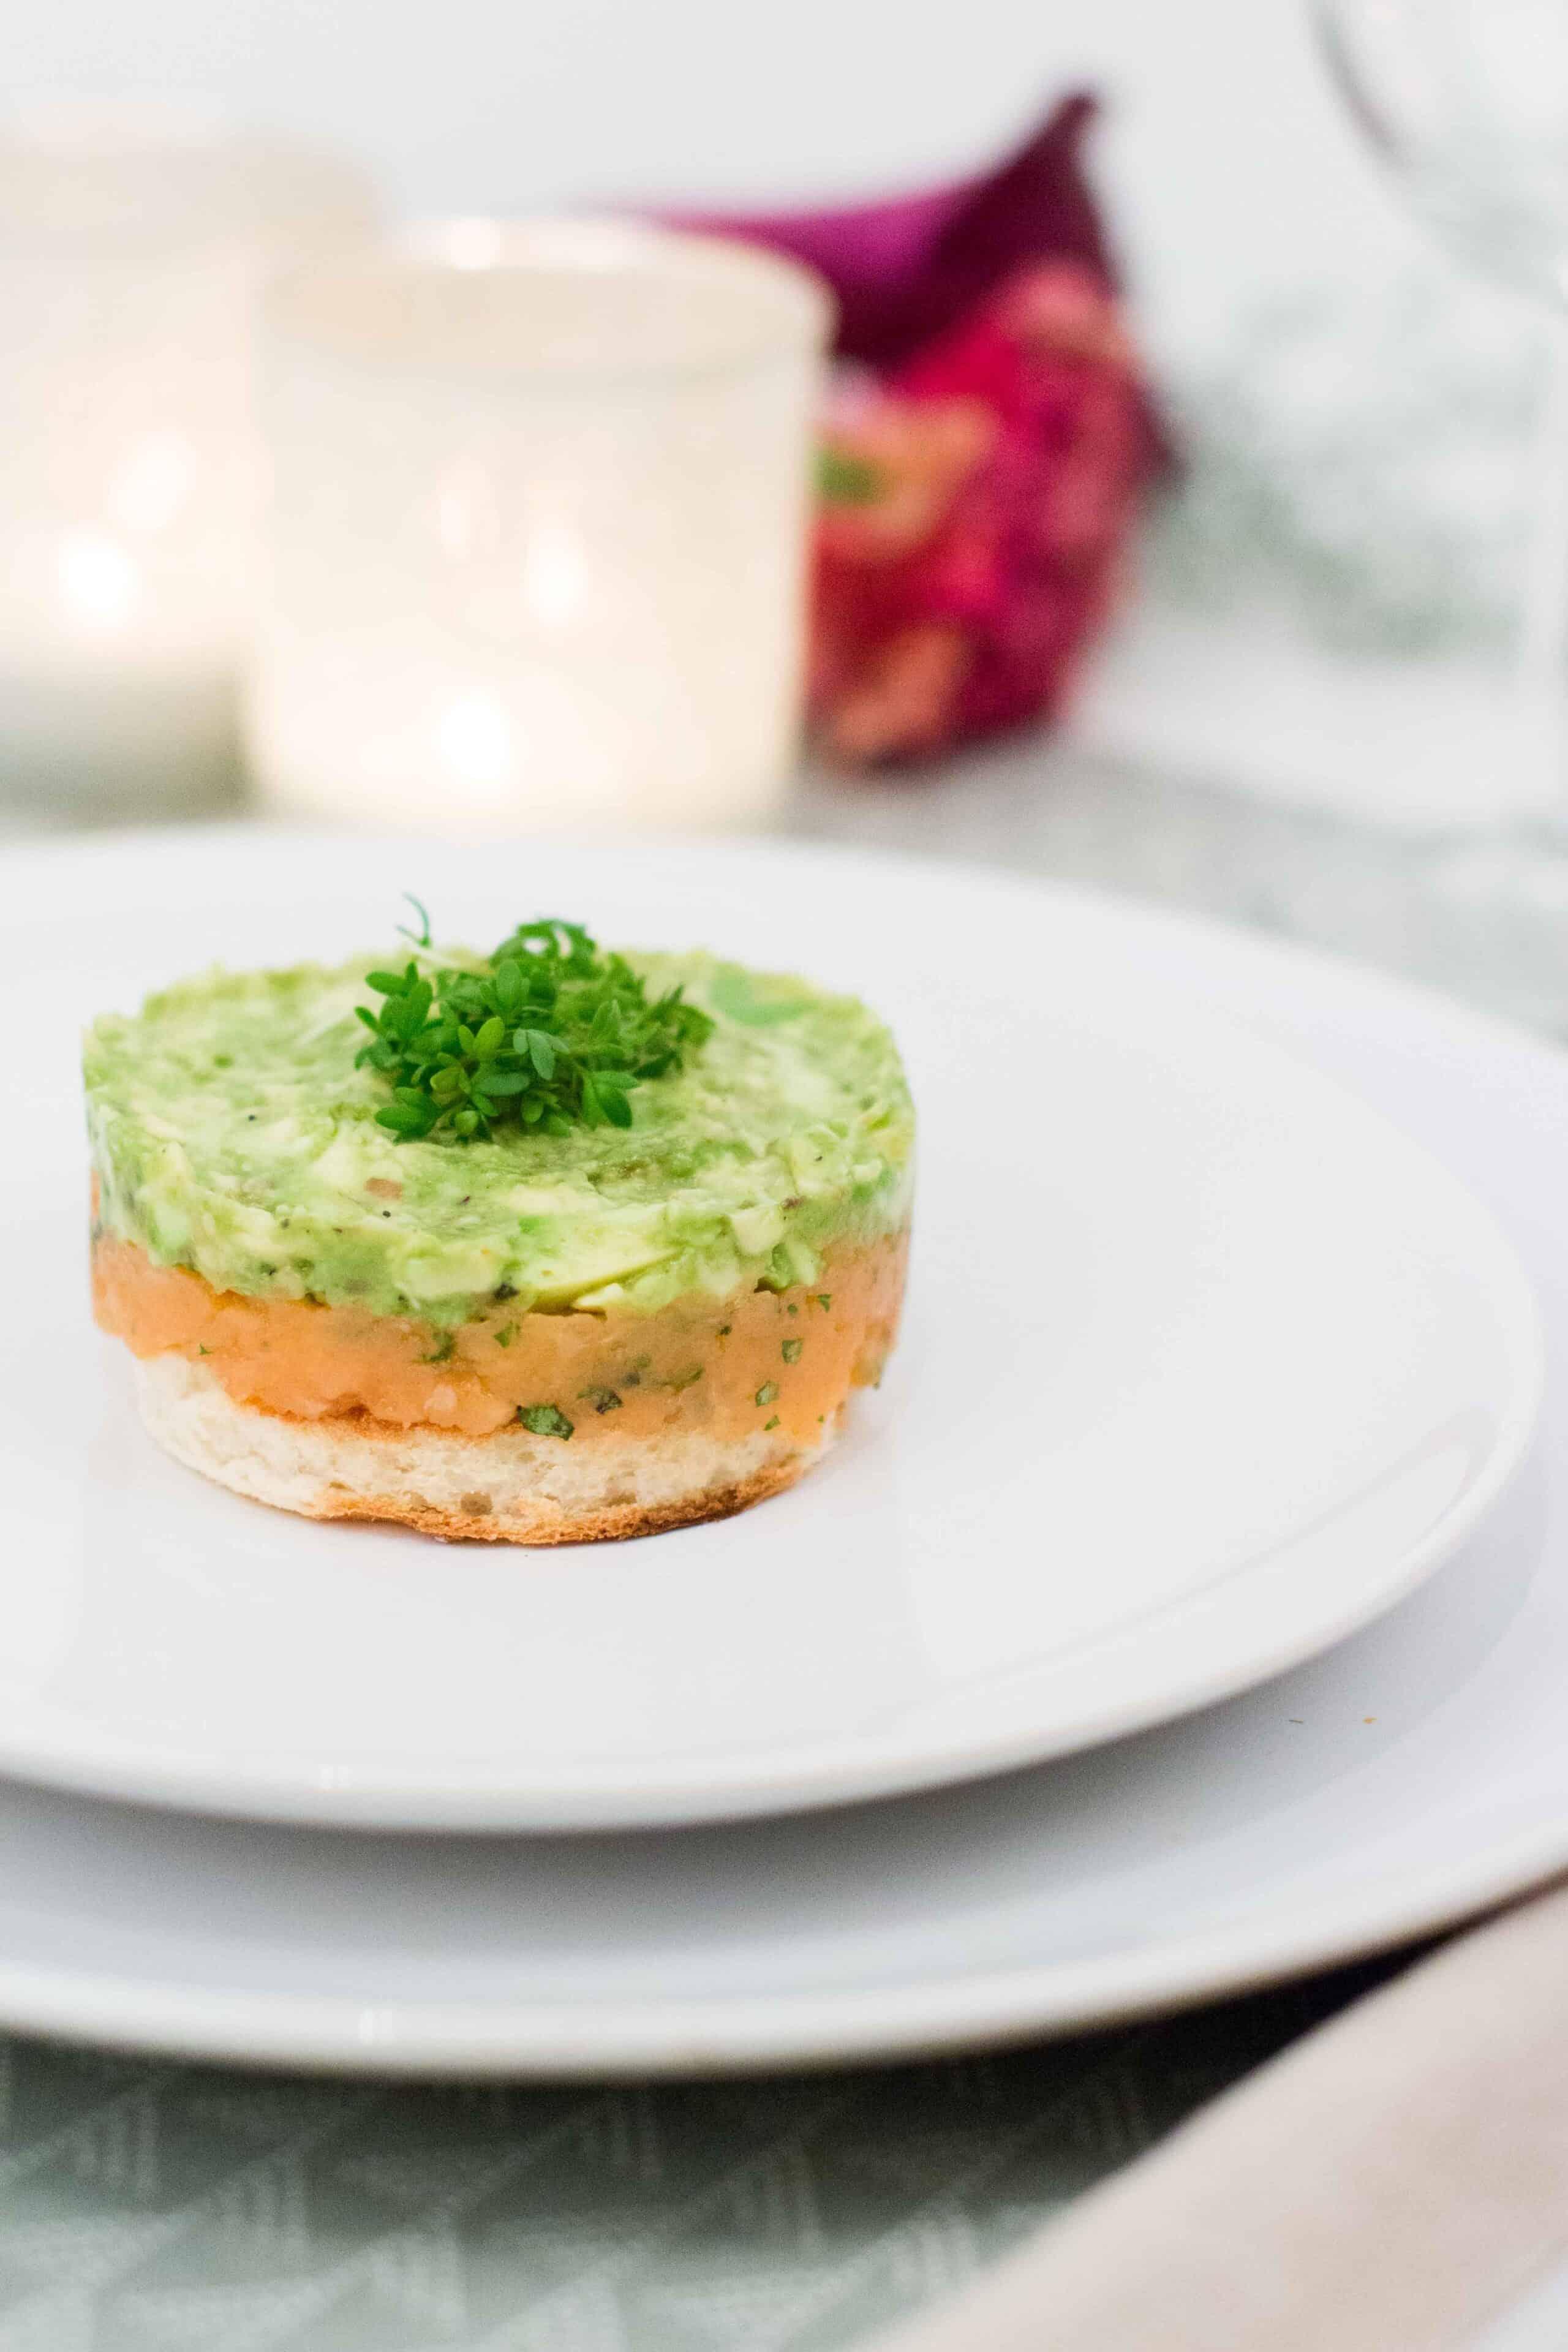 avocado-zalm-torentje-glutenvrij-voorgerecht-kerst-3